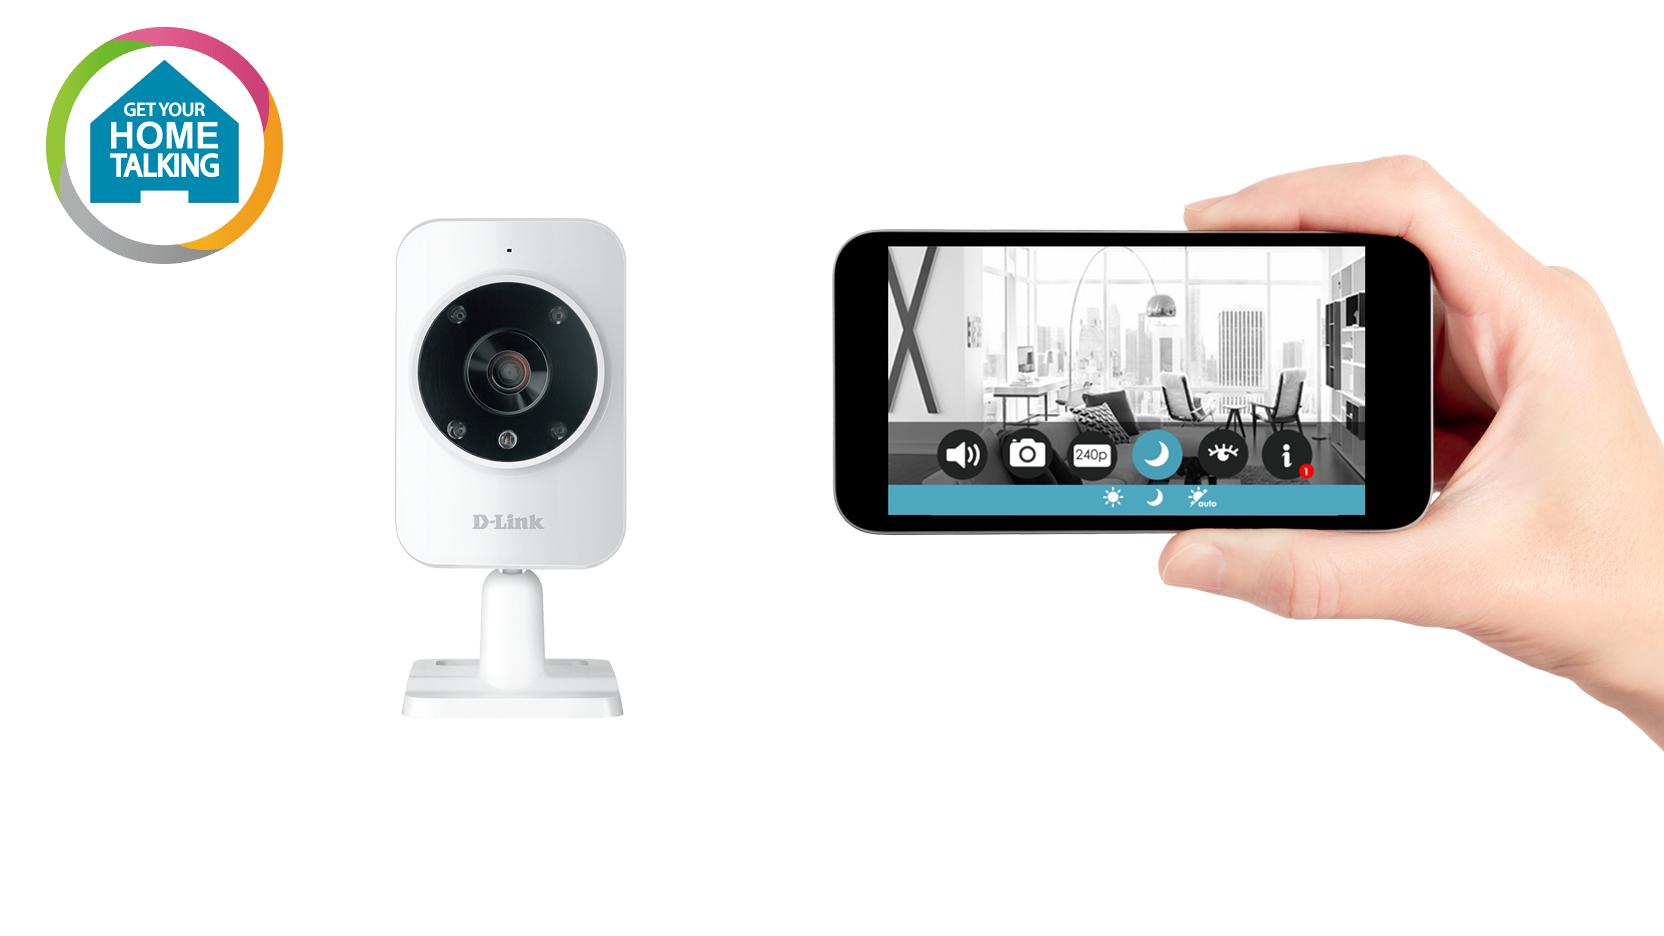 D-Link DCS-935L revA1 Camera 64Bit